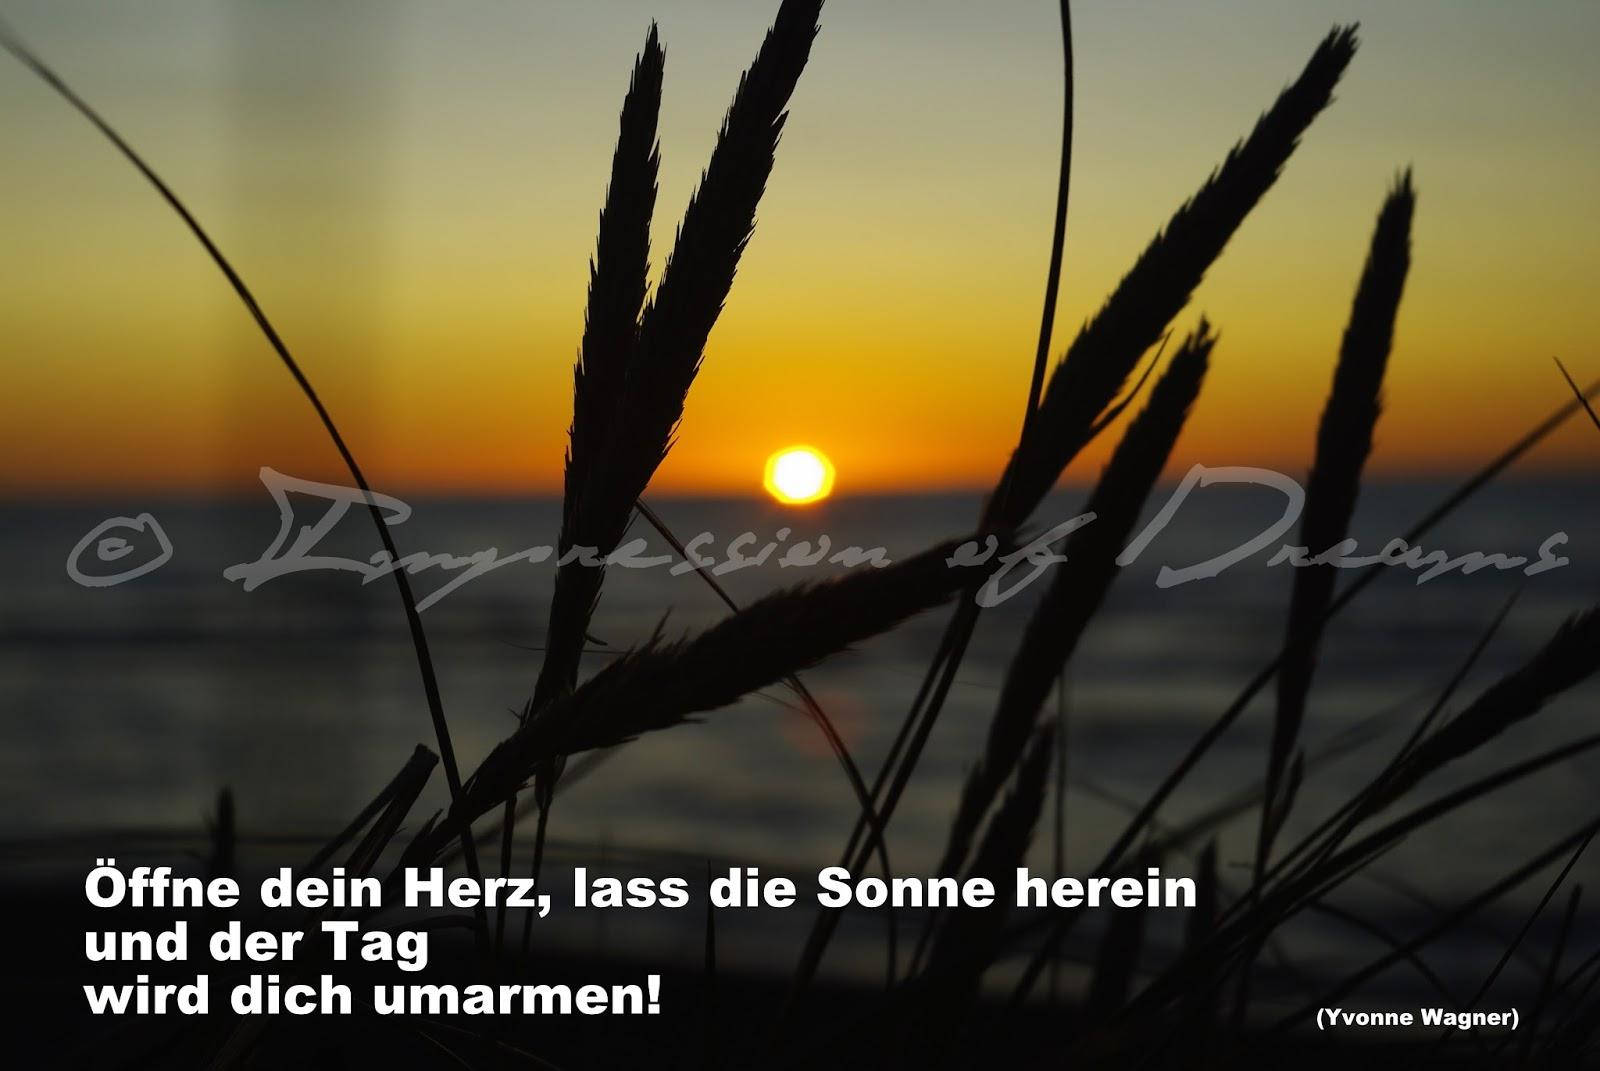 Öffne dein Herz, lass die Sonne herein und der Tag wird dich umarmen!